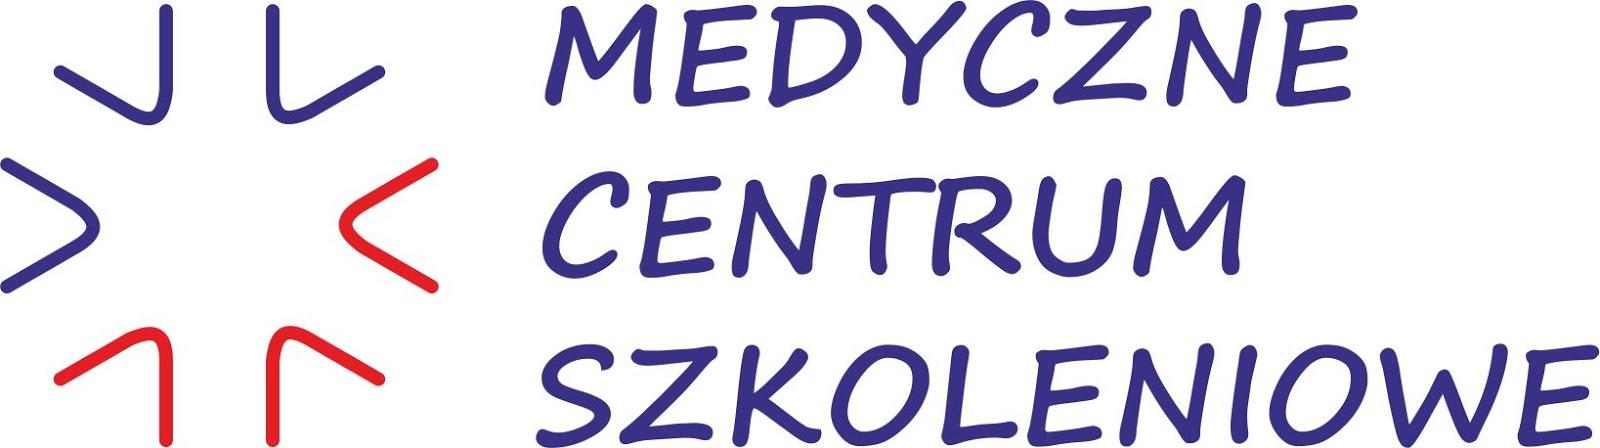 Medyczne Centrum Szkoleniowe